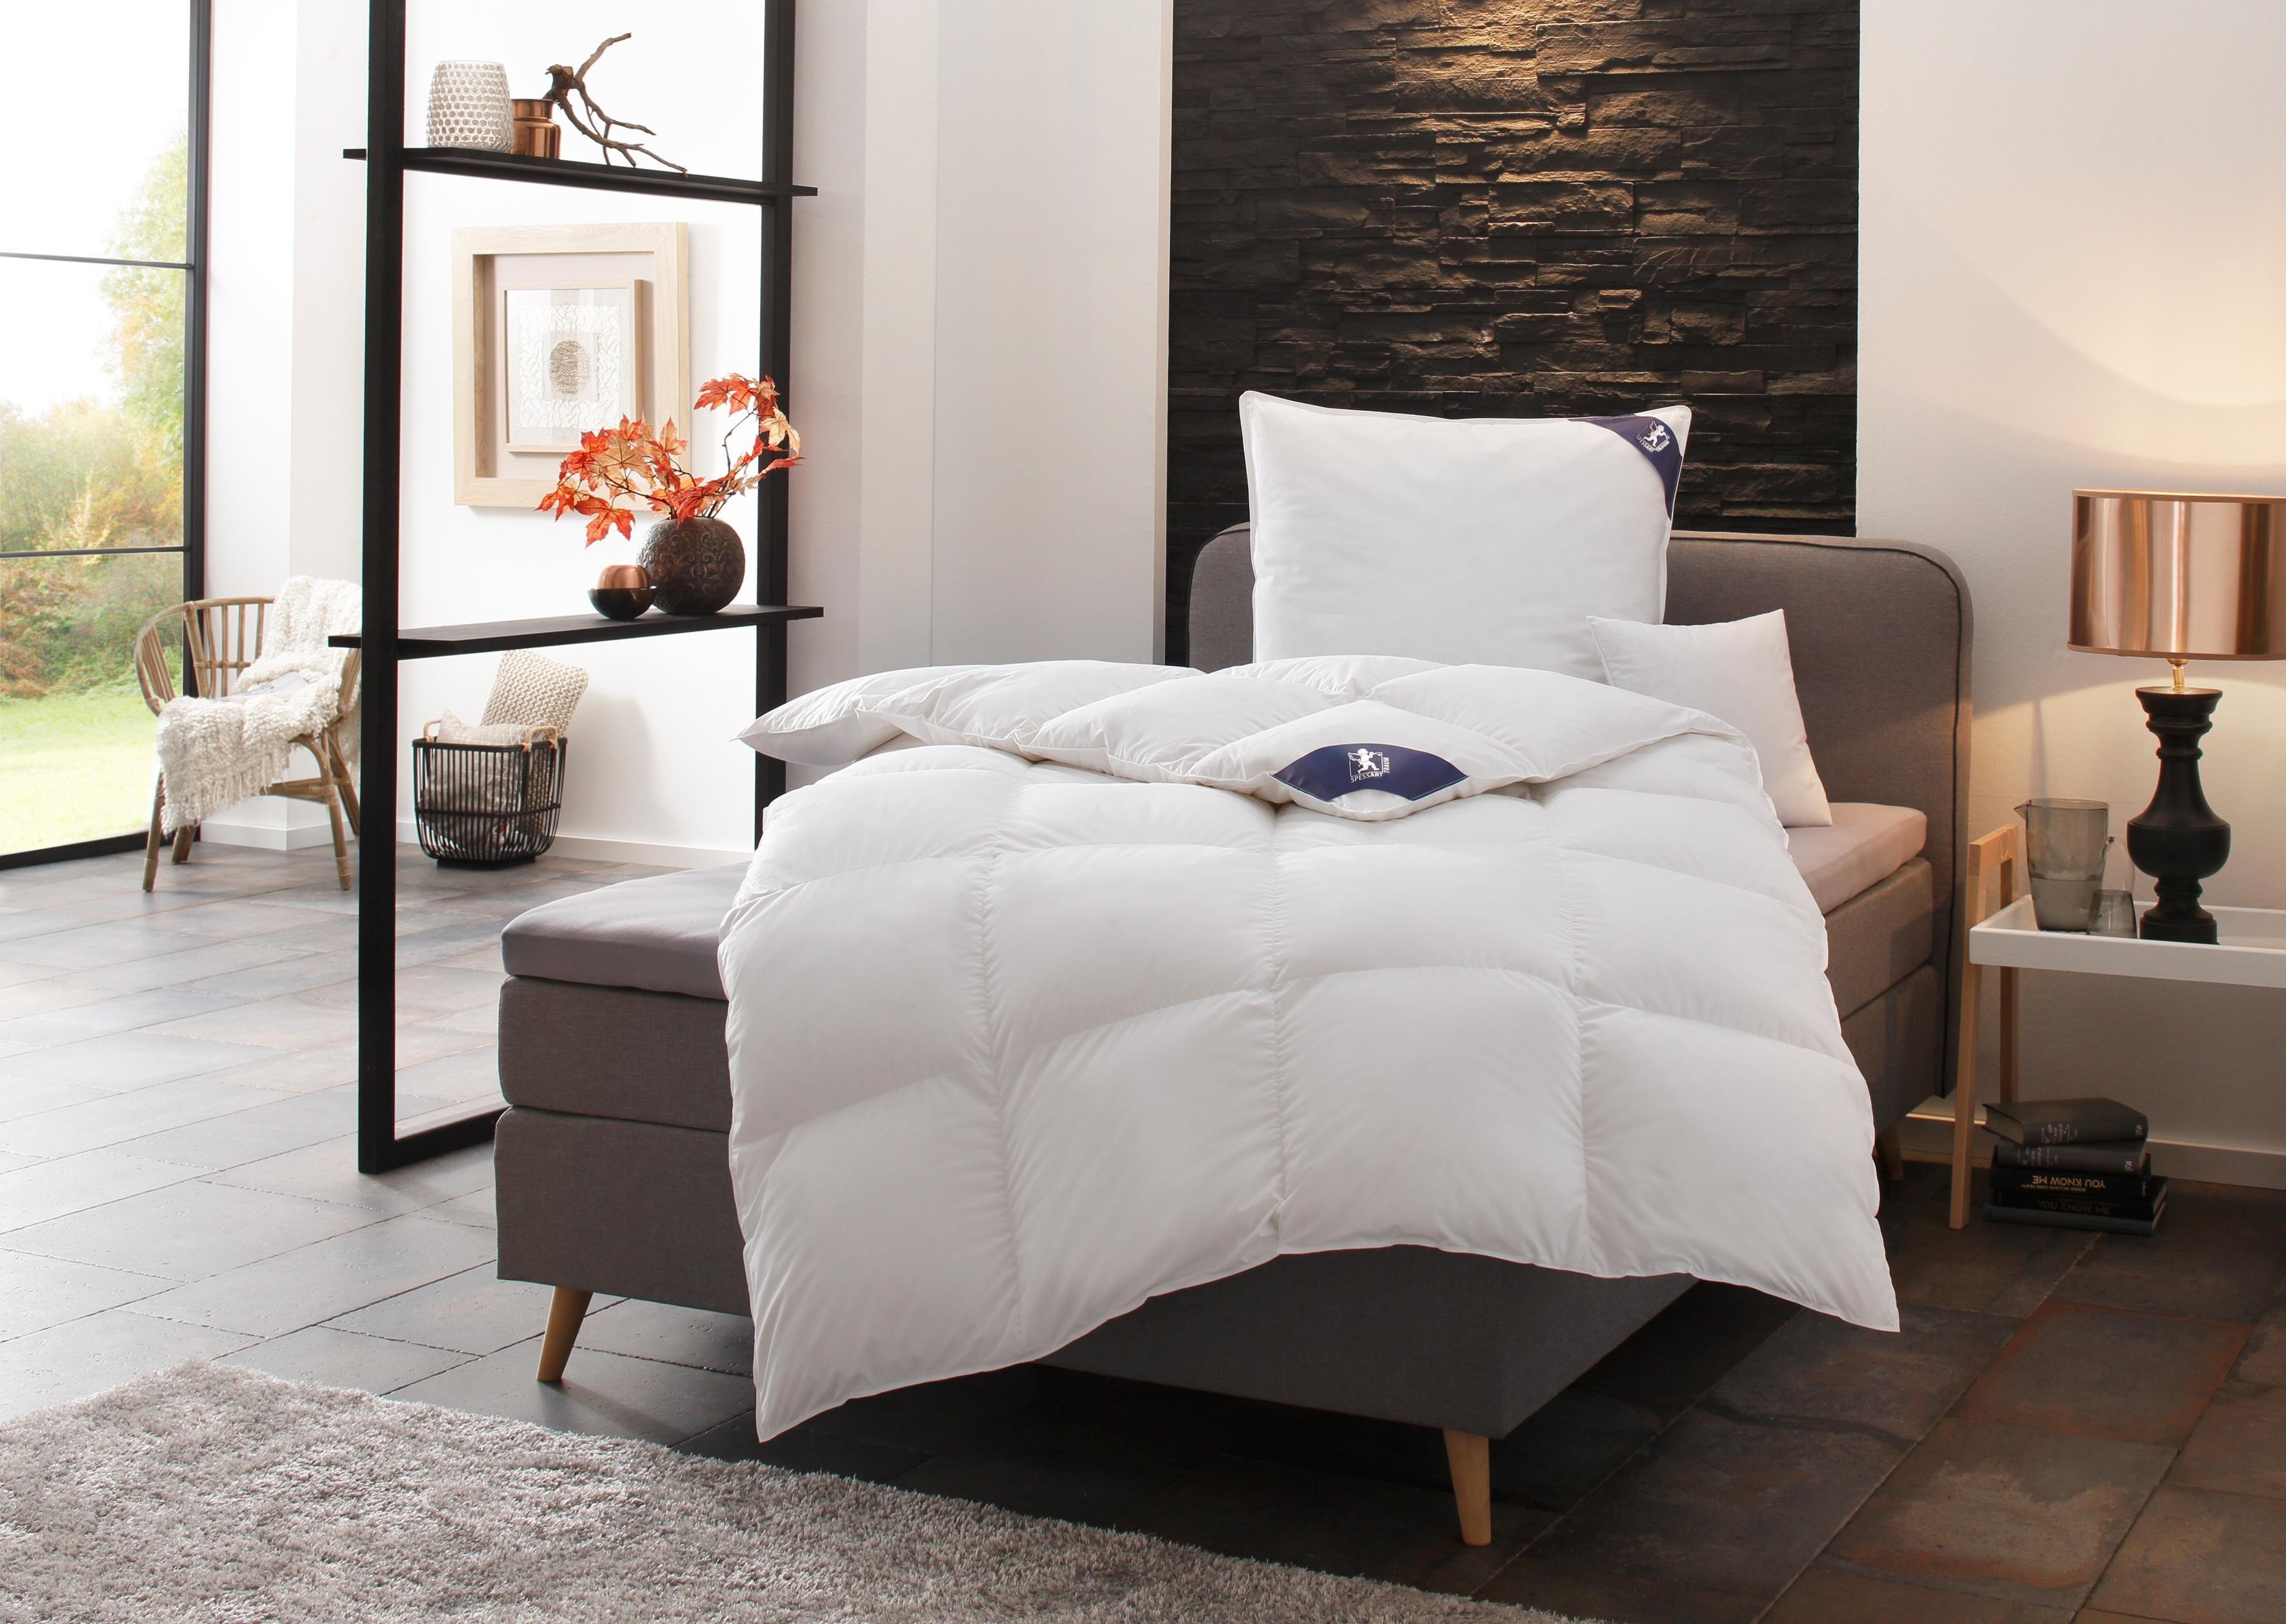 Bettdeckenset, »Premium******«, Spessarttraum, Warm, 100% Gänsedaunen | Heimtextilien > Decken und Kissen > Bettdecken | Federn | SPESSARTTRAUM